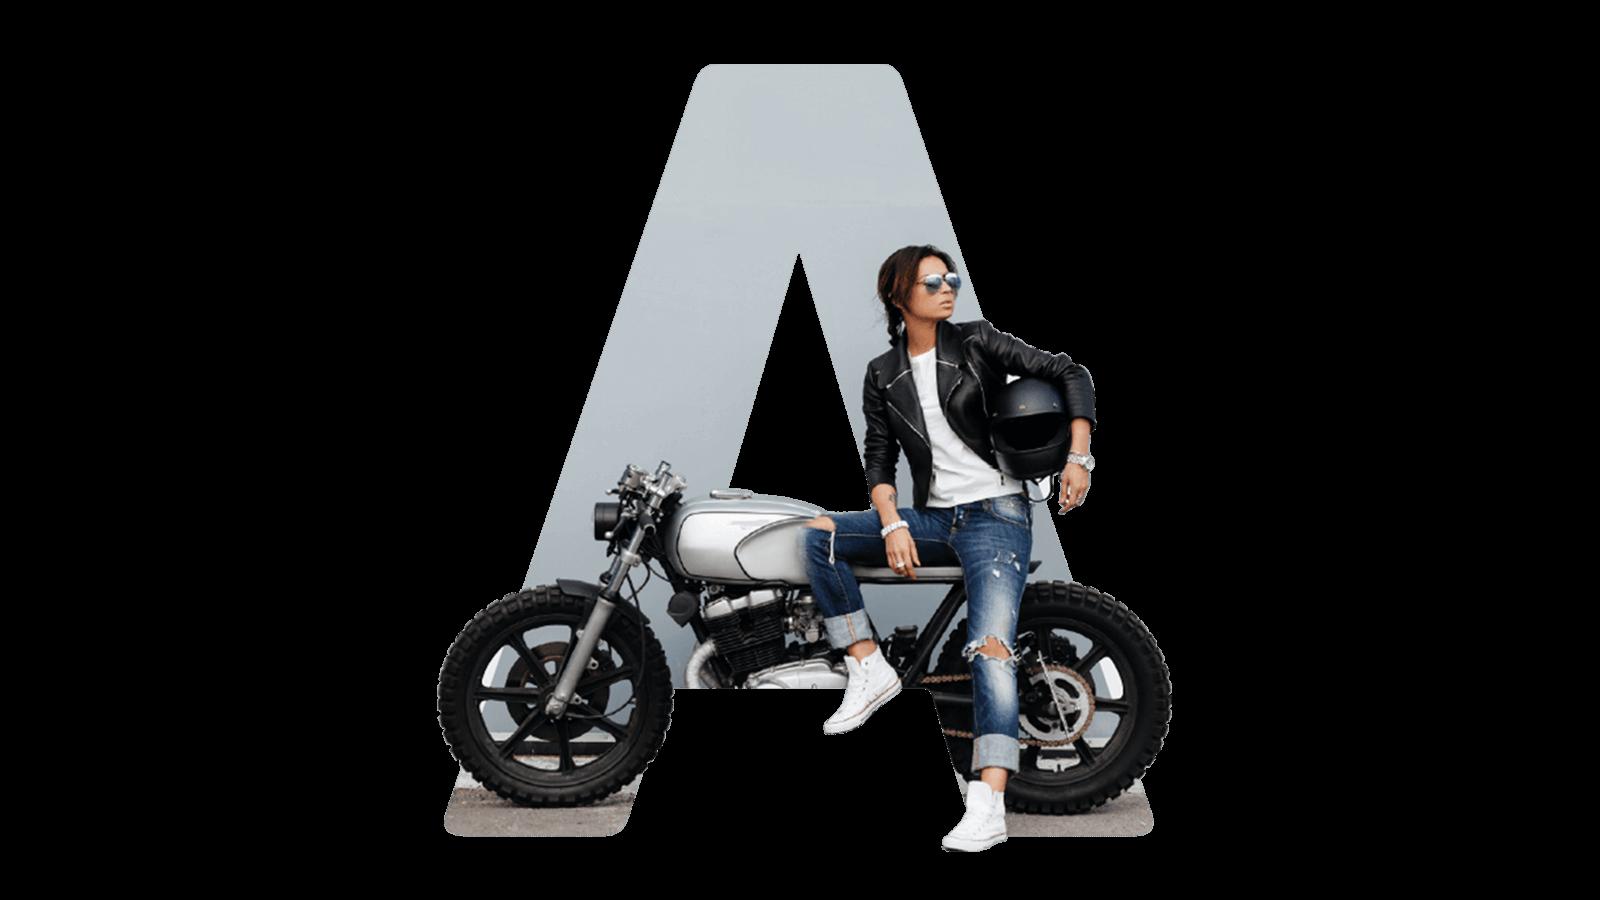 greiderer fahrschule motorr der mopeds lienz sei dabei f hrerschein kurs freude. Black Bedroom Furniture Sets. Home Design Ideas